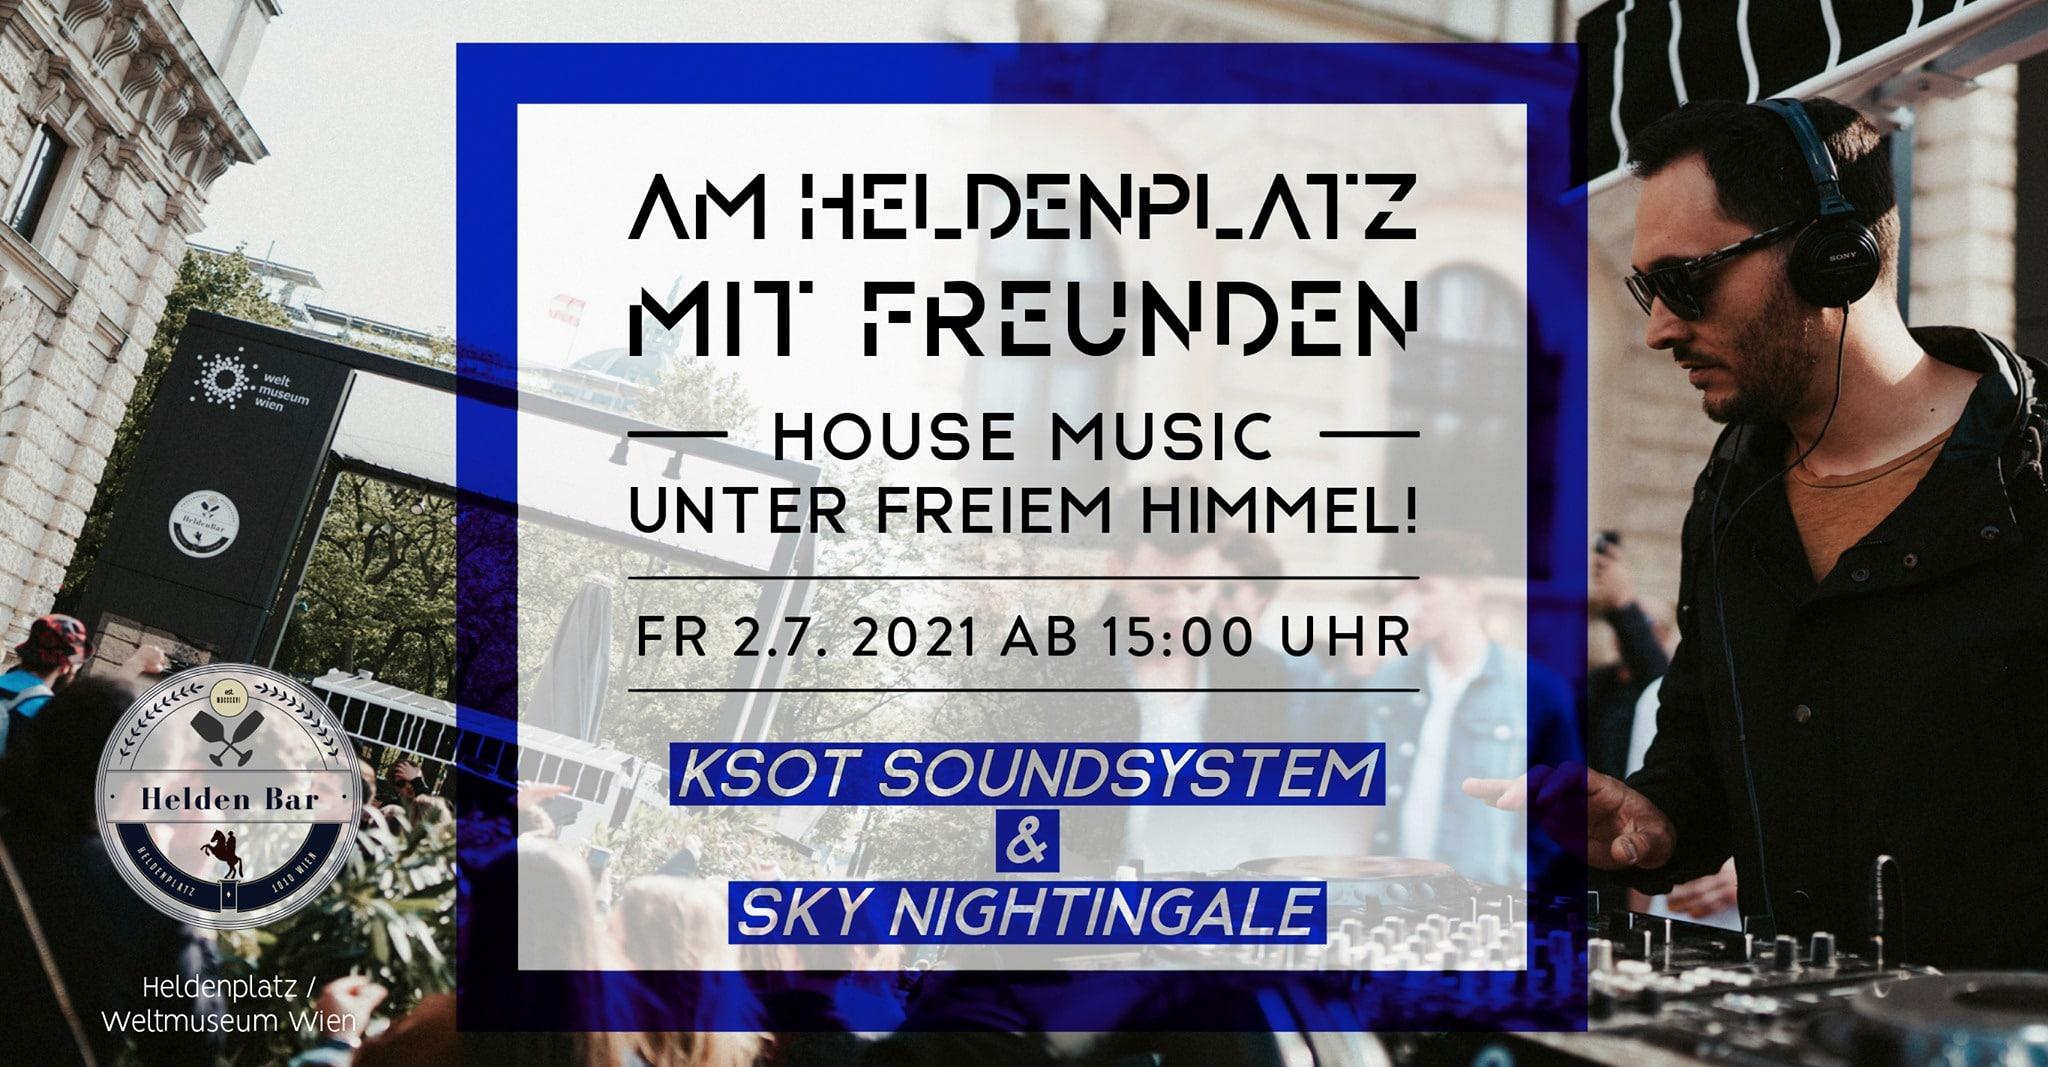 Events Wien: Am Heldenplatz mit Freunden #2 ft. KSOT Soundsystem & Friends // 2021